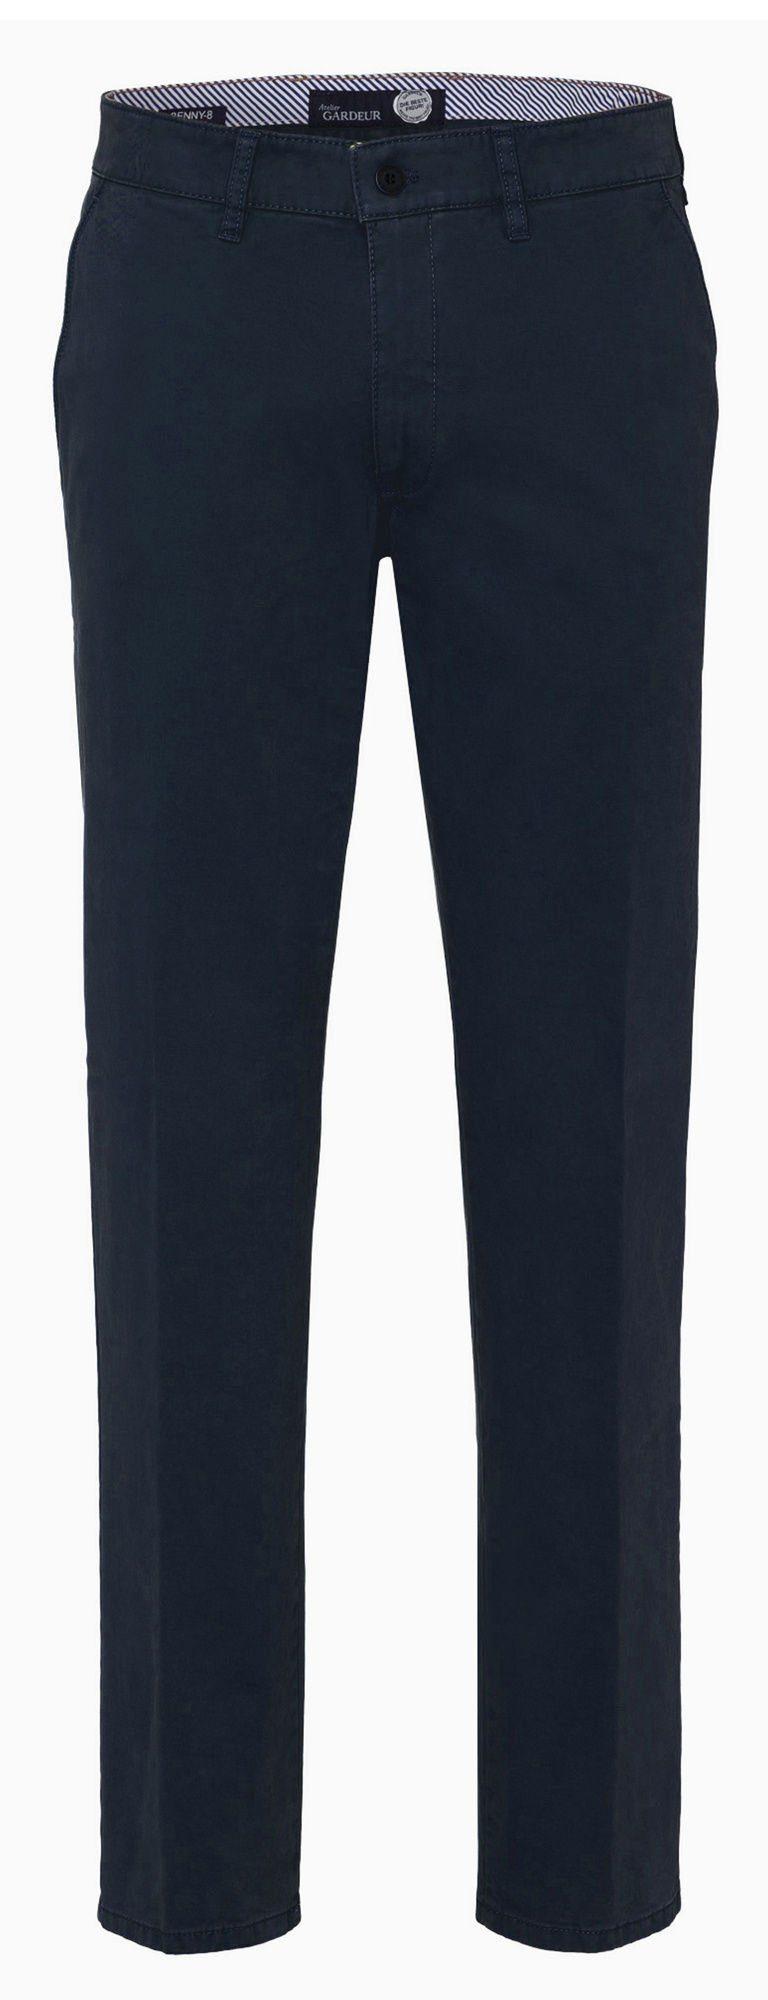 Atelier GARDEUR Stoffhose BENNY-8   Bekleidung > Hosen > Stoffhosen   Atelier Gardeur